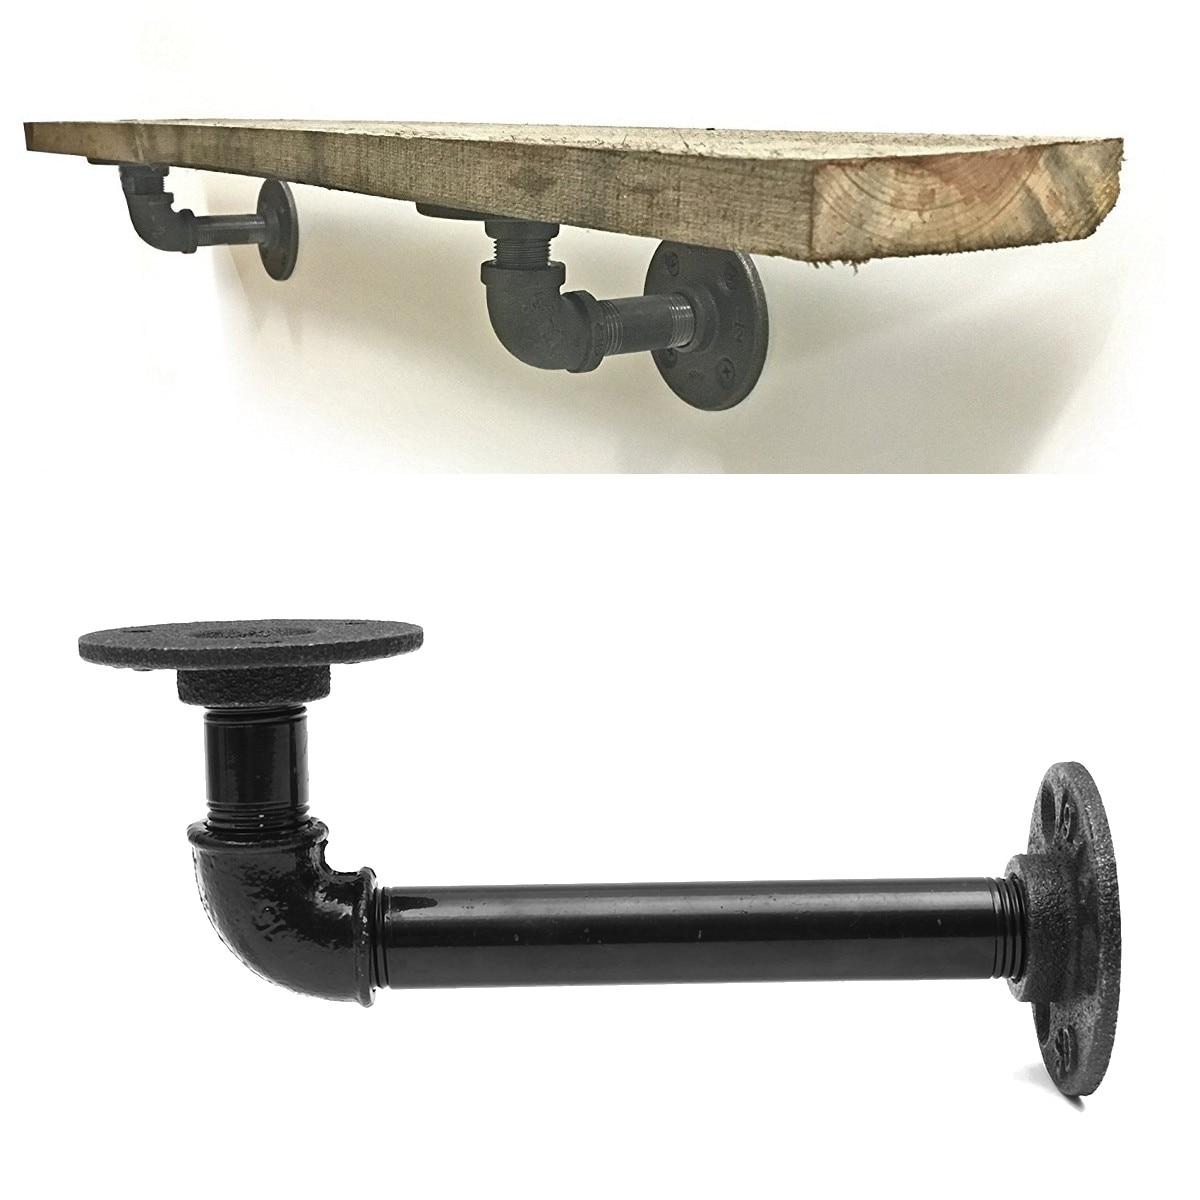 1 pçs l suporte de parede prateleira flutuante do vintage retro preto ferro industrial tubo suporte prateleira titular casa decoração armazenamento titular